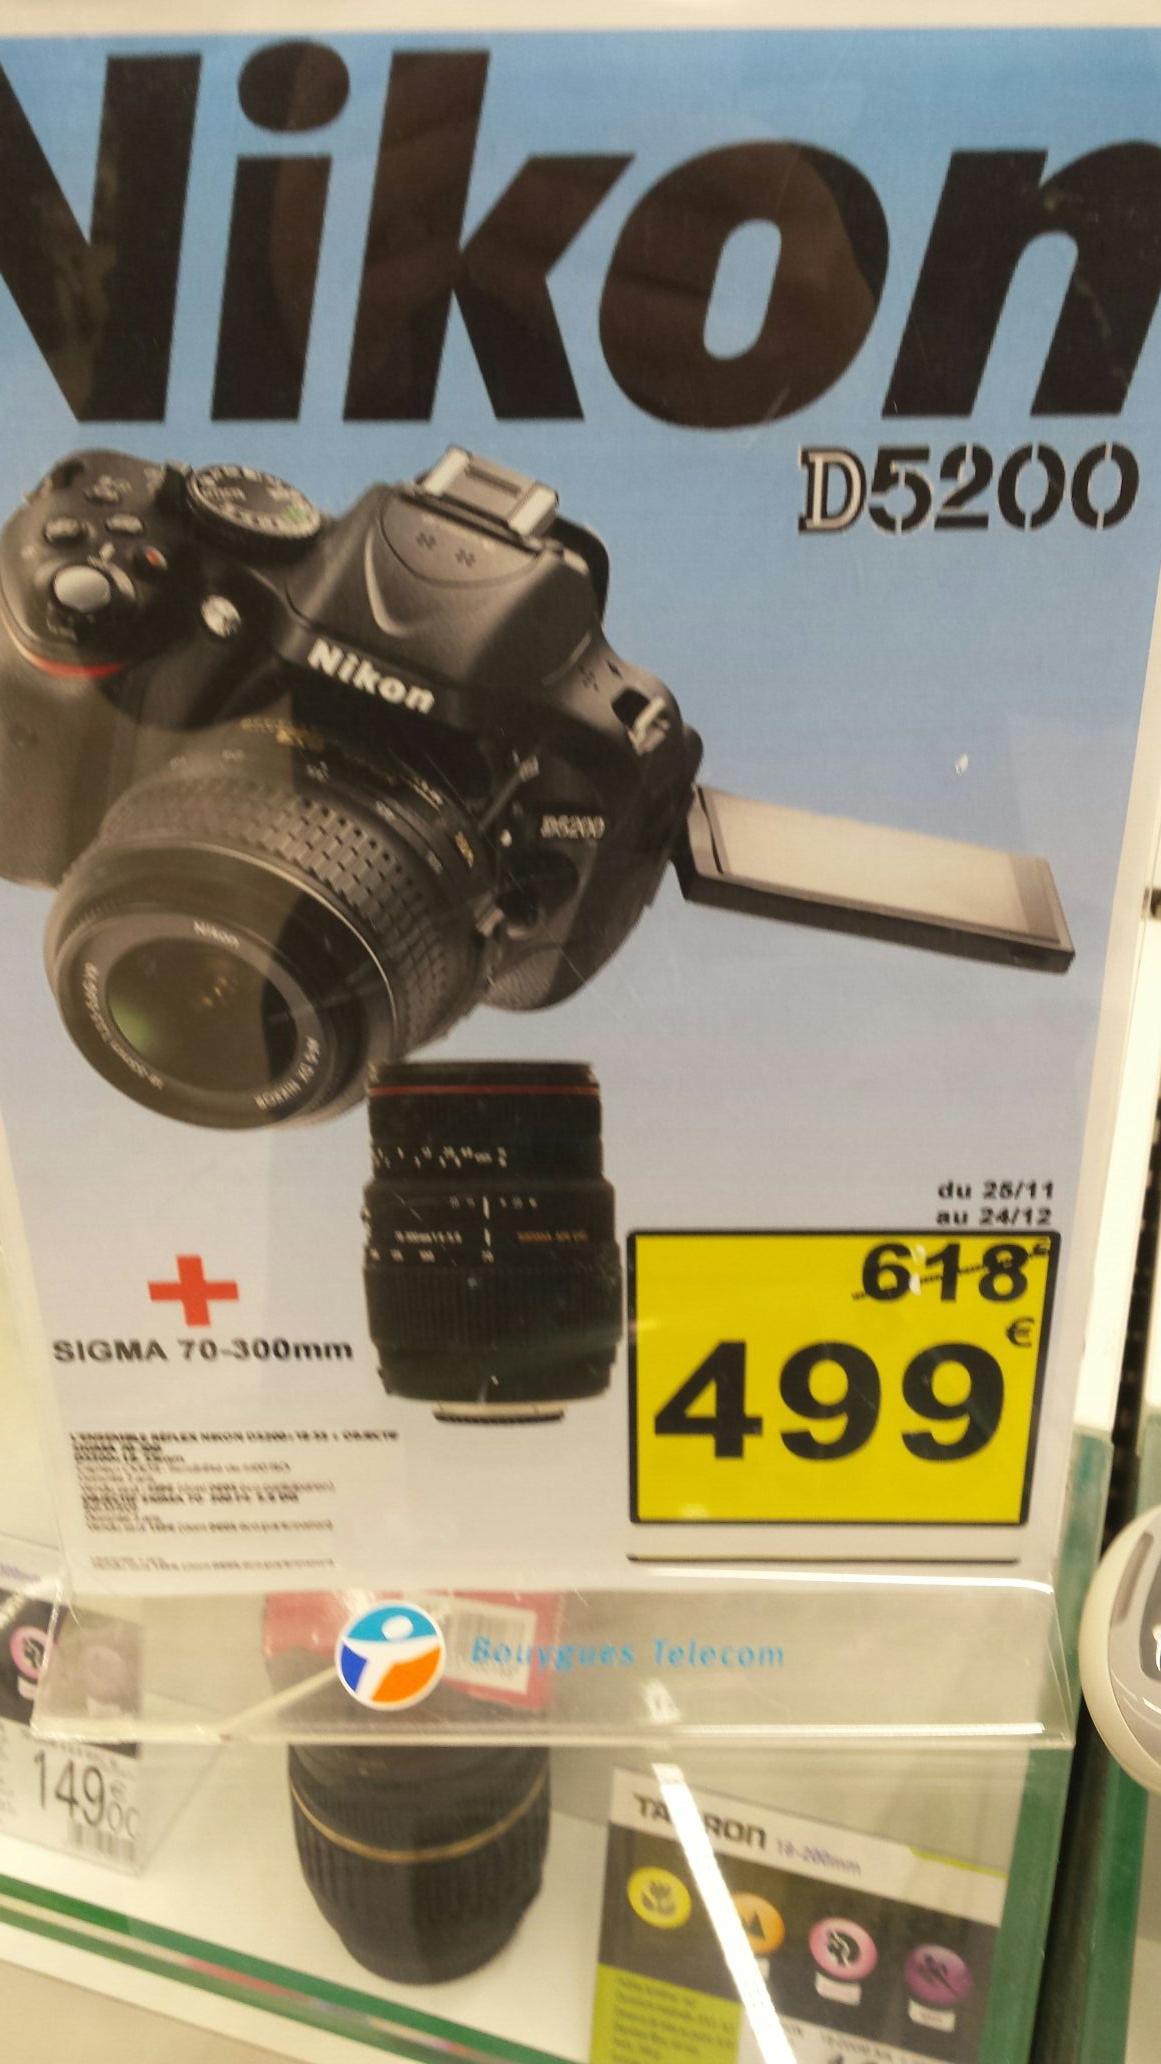 Nikon d5200 +18-55 VRII Kit +Sigma 70-300